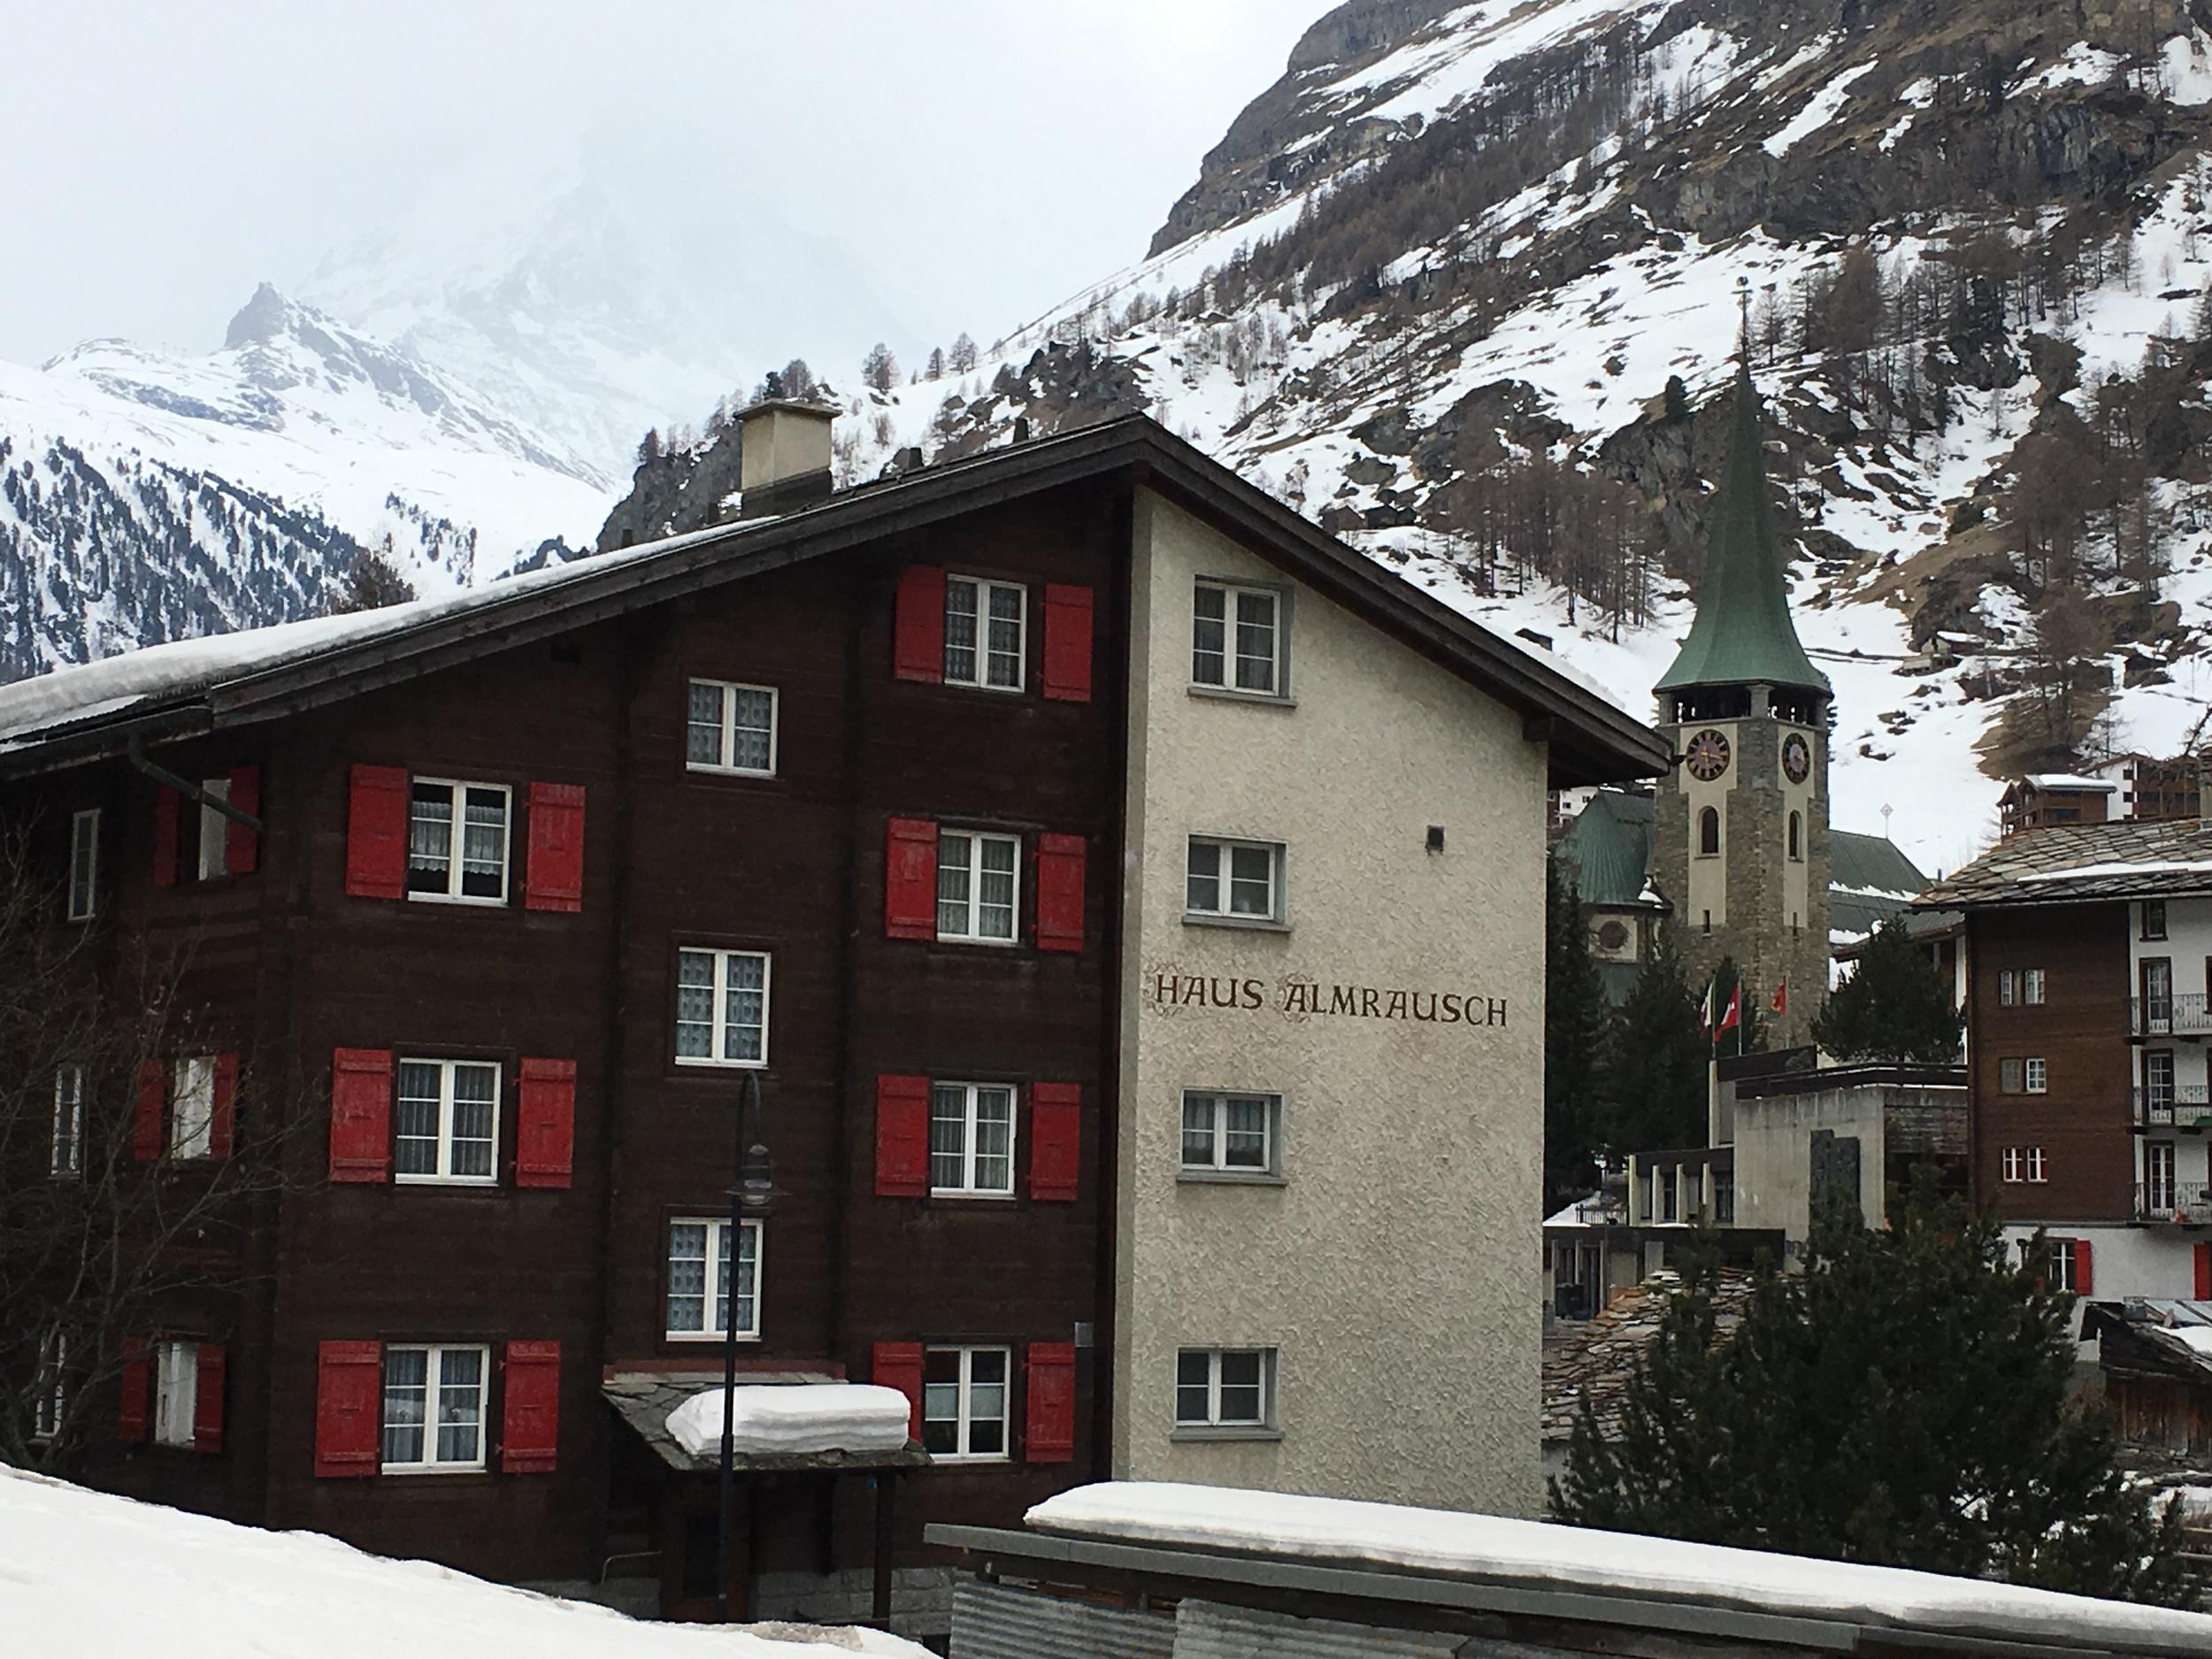 Haus Almrauch y Chalet María fueron algunos de los nombres que vimos en las casas. Foto: Bruny Nieves